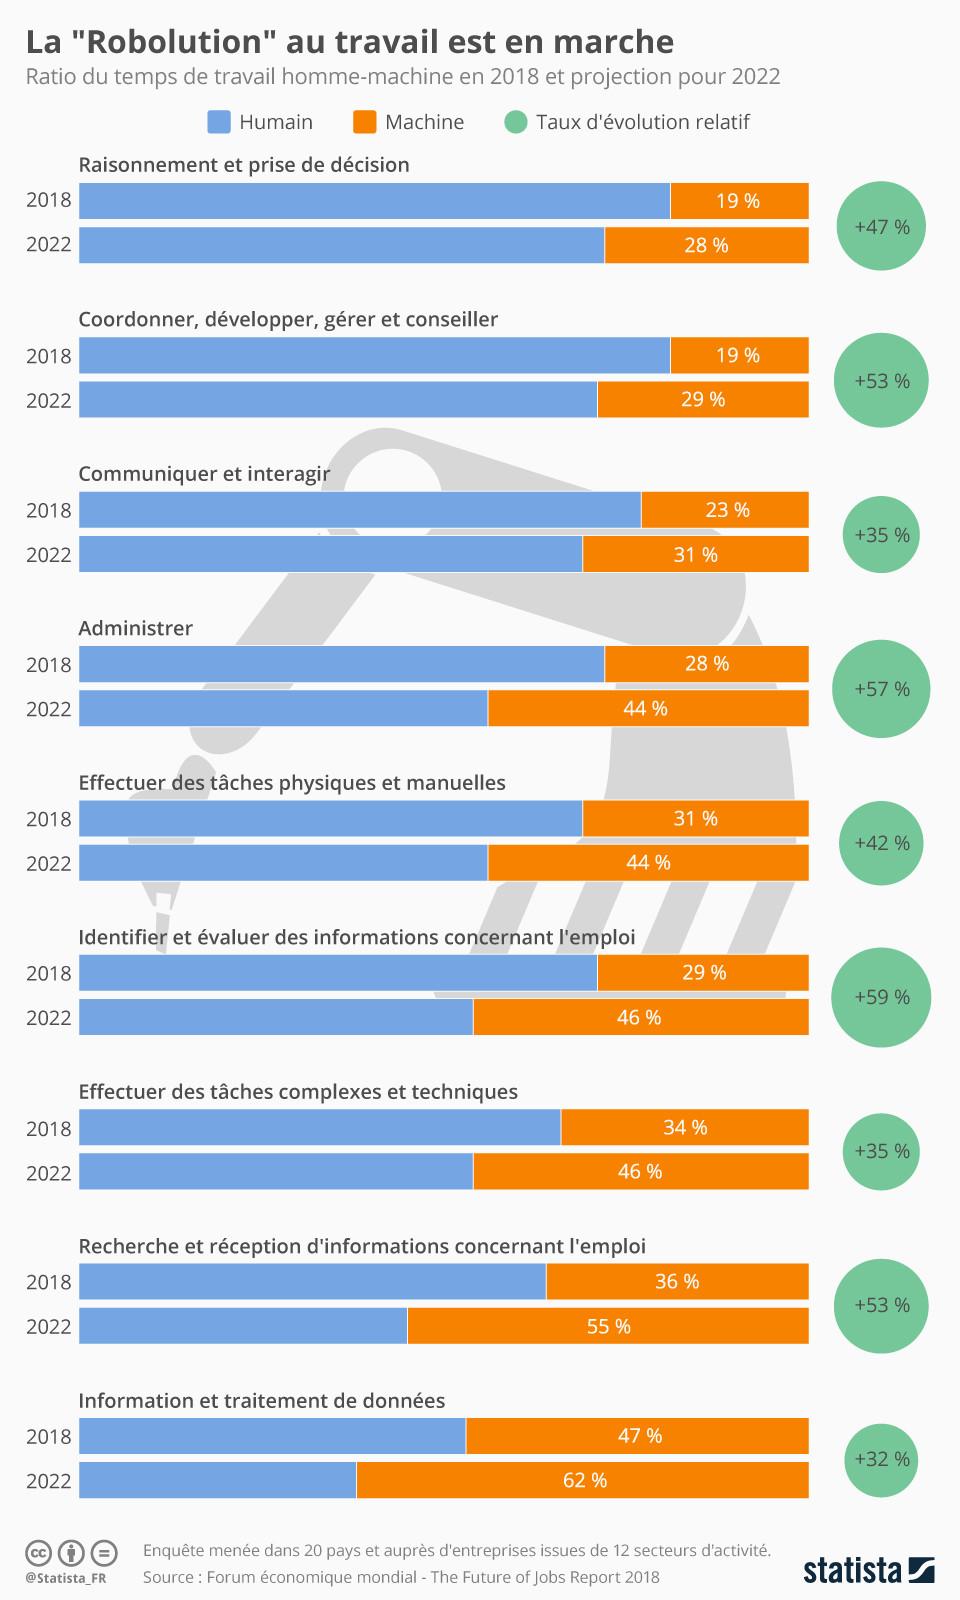 Statistiques sur la Robolution soucre Statista